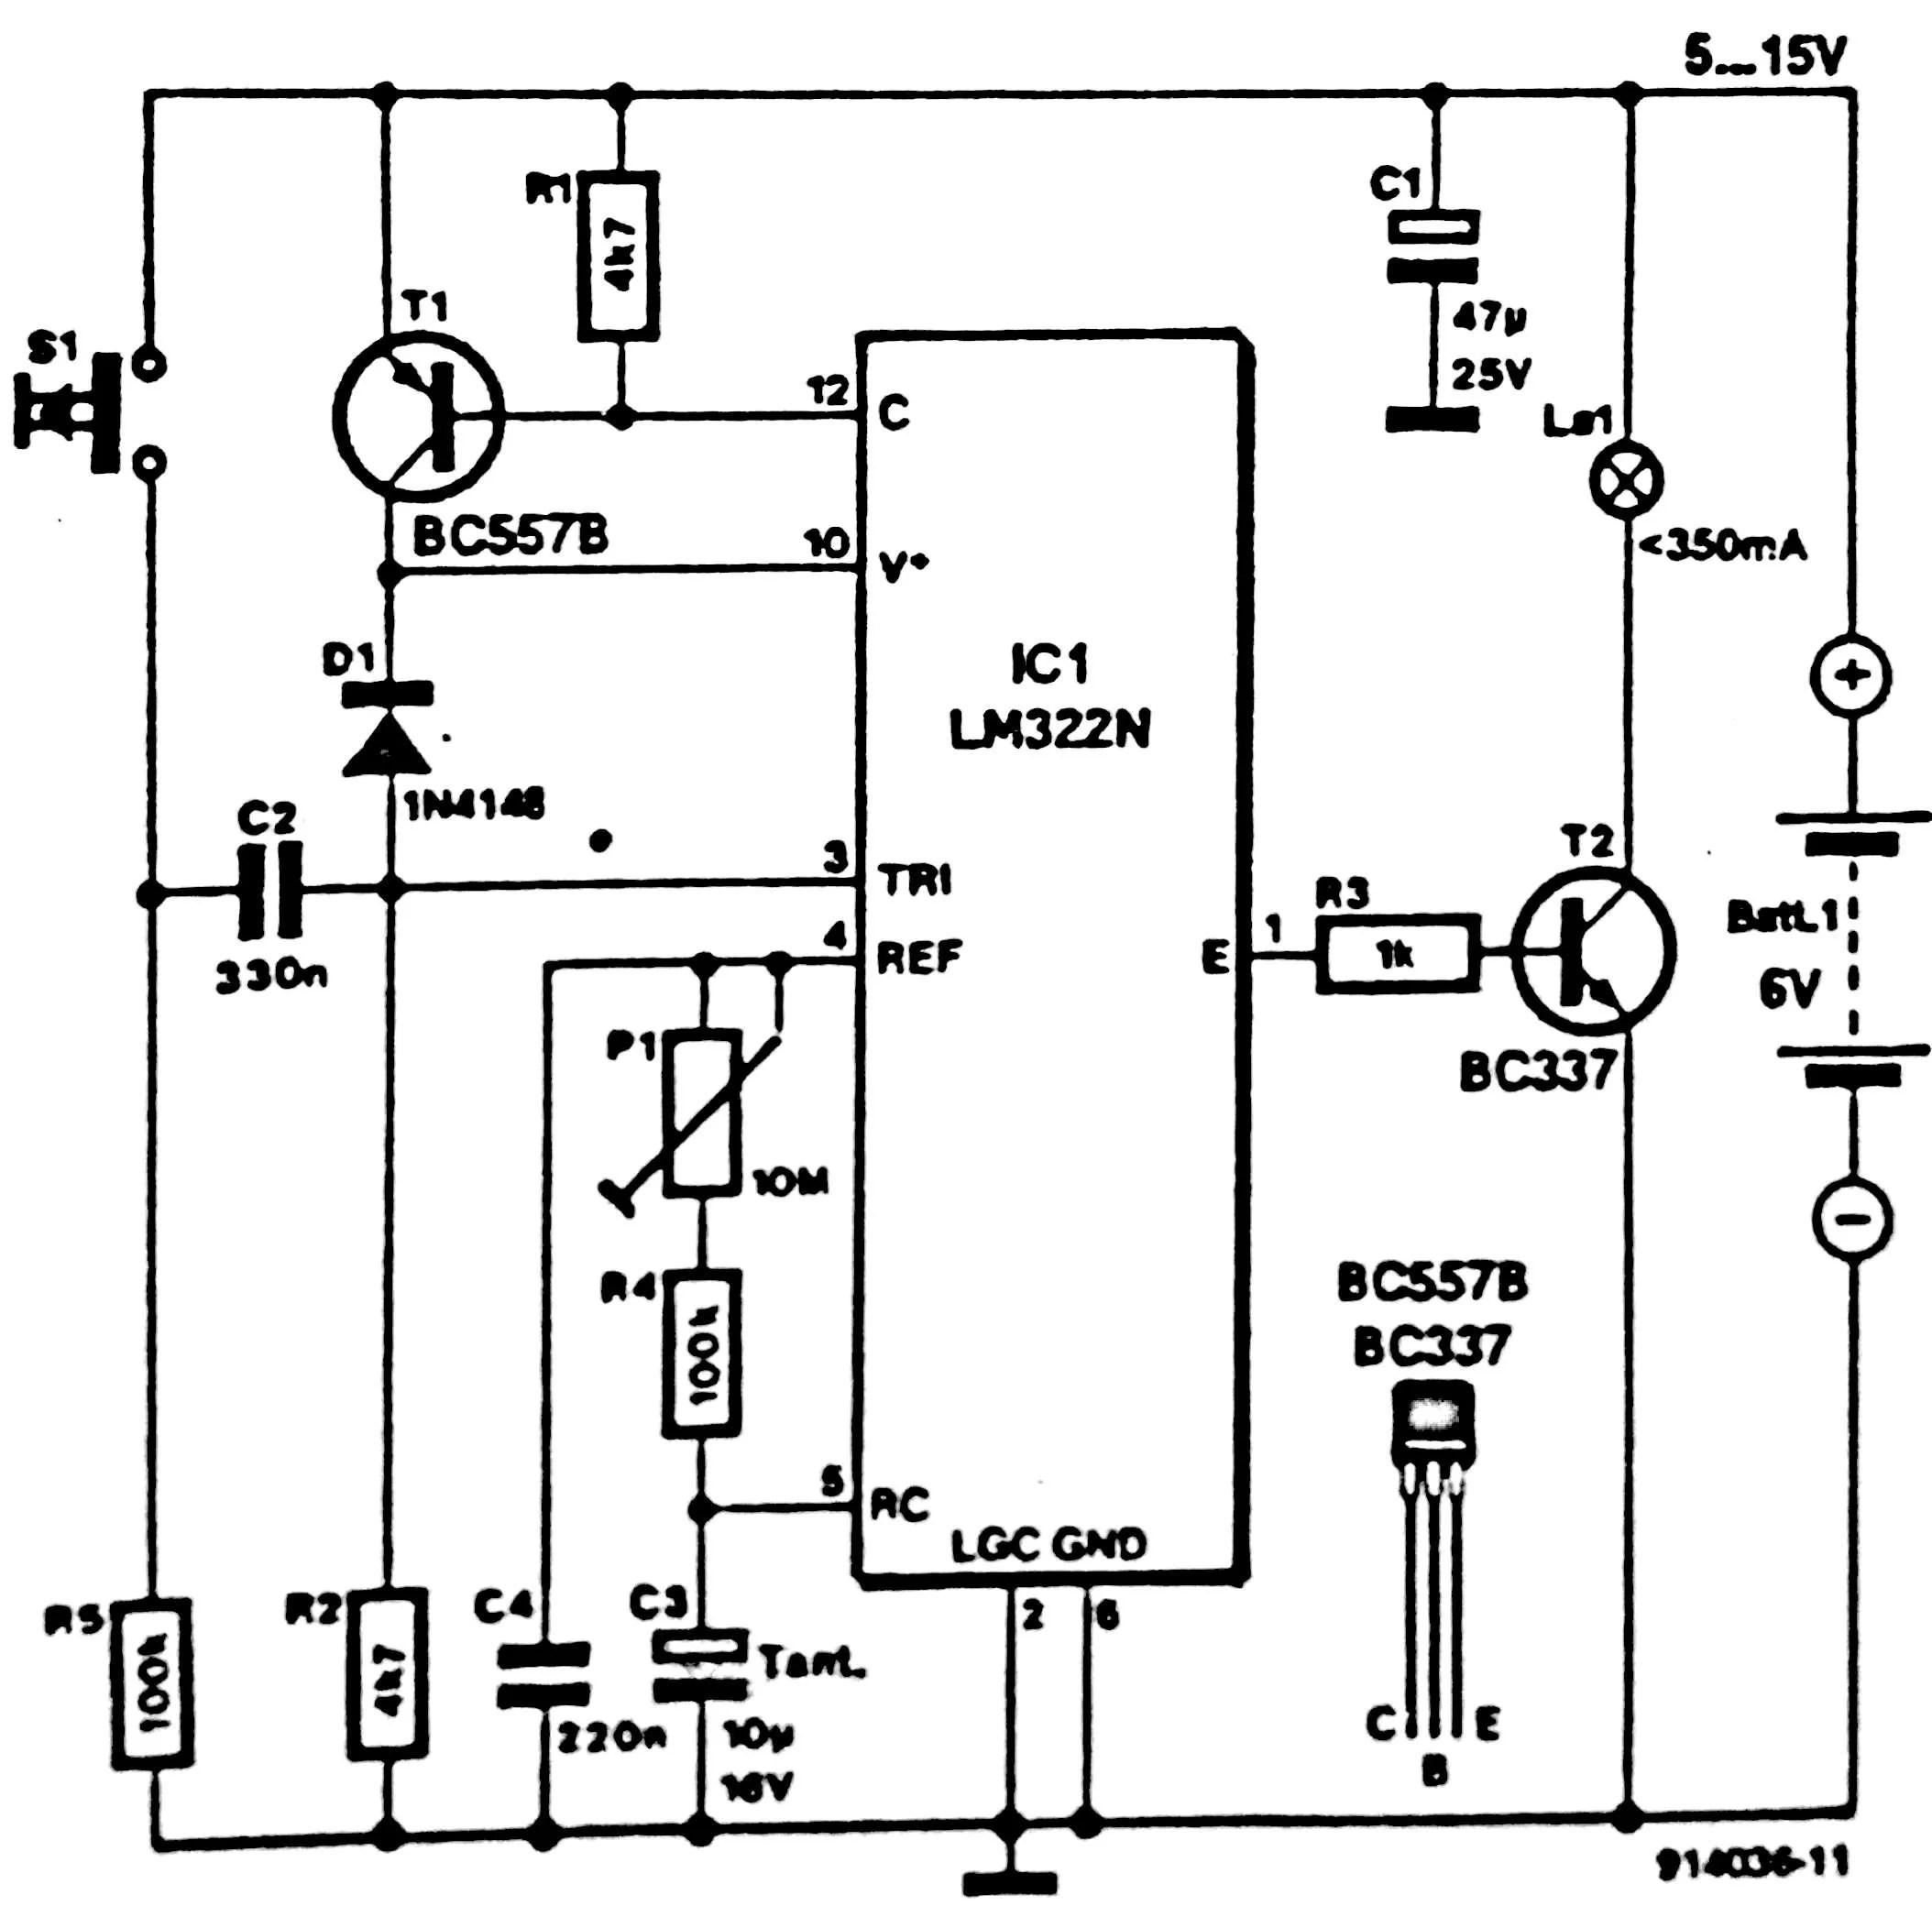 Auto power off for audio equipment circuit diagram